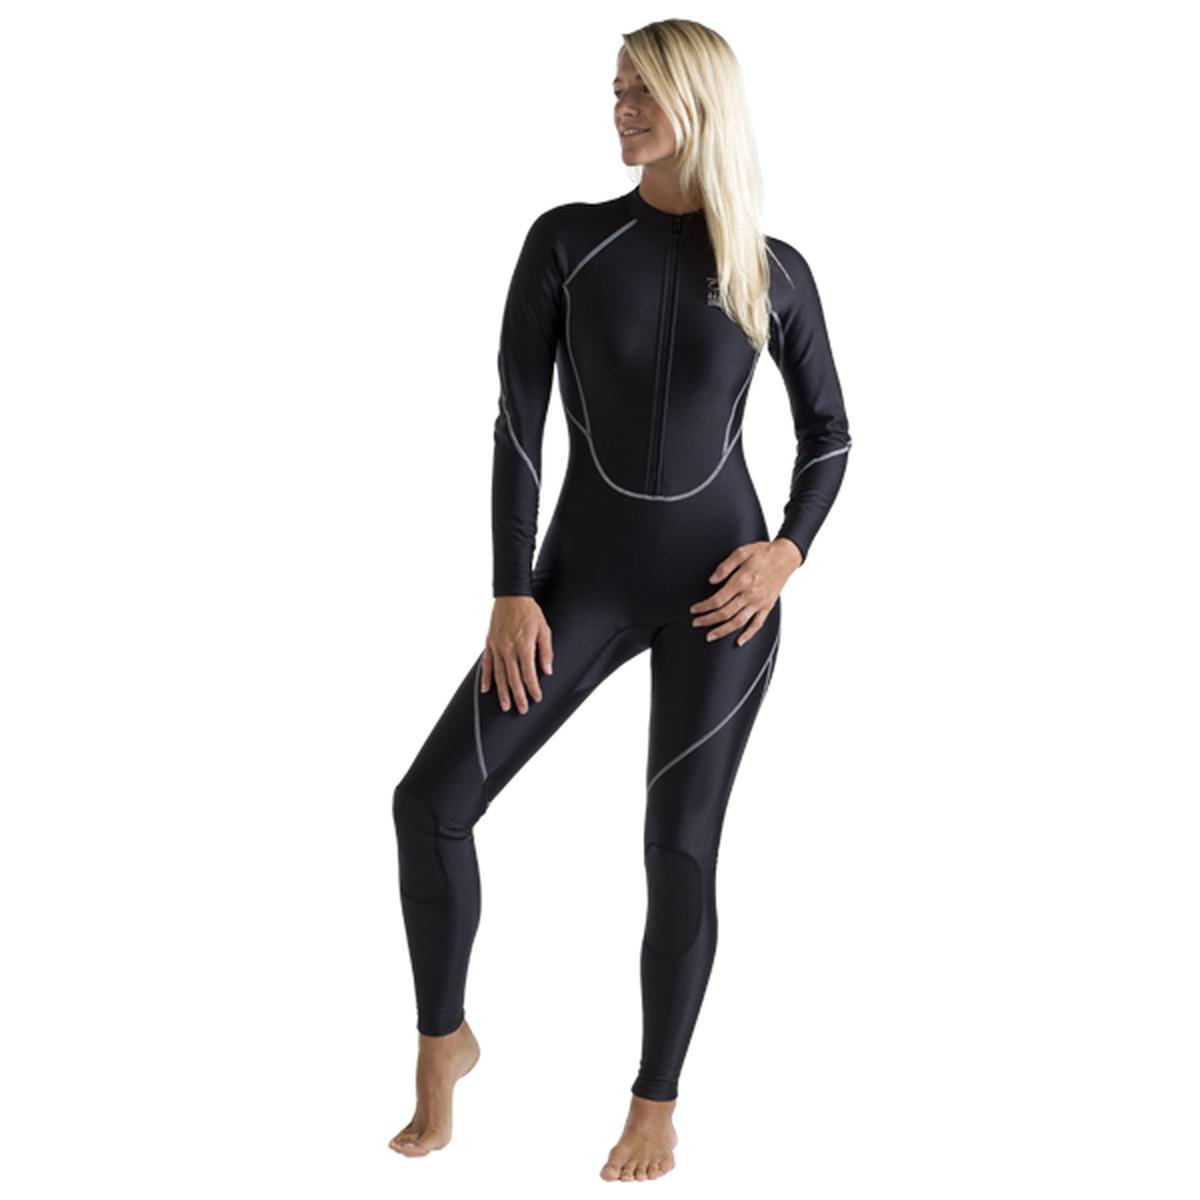 Дамски водолазен костюм с неутрална плаваемост THERMOCLINE Full Suit Lady - Forth Element